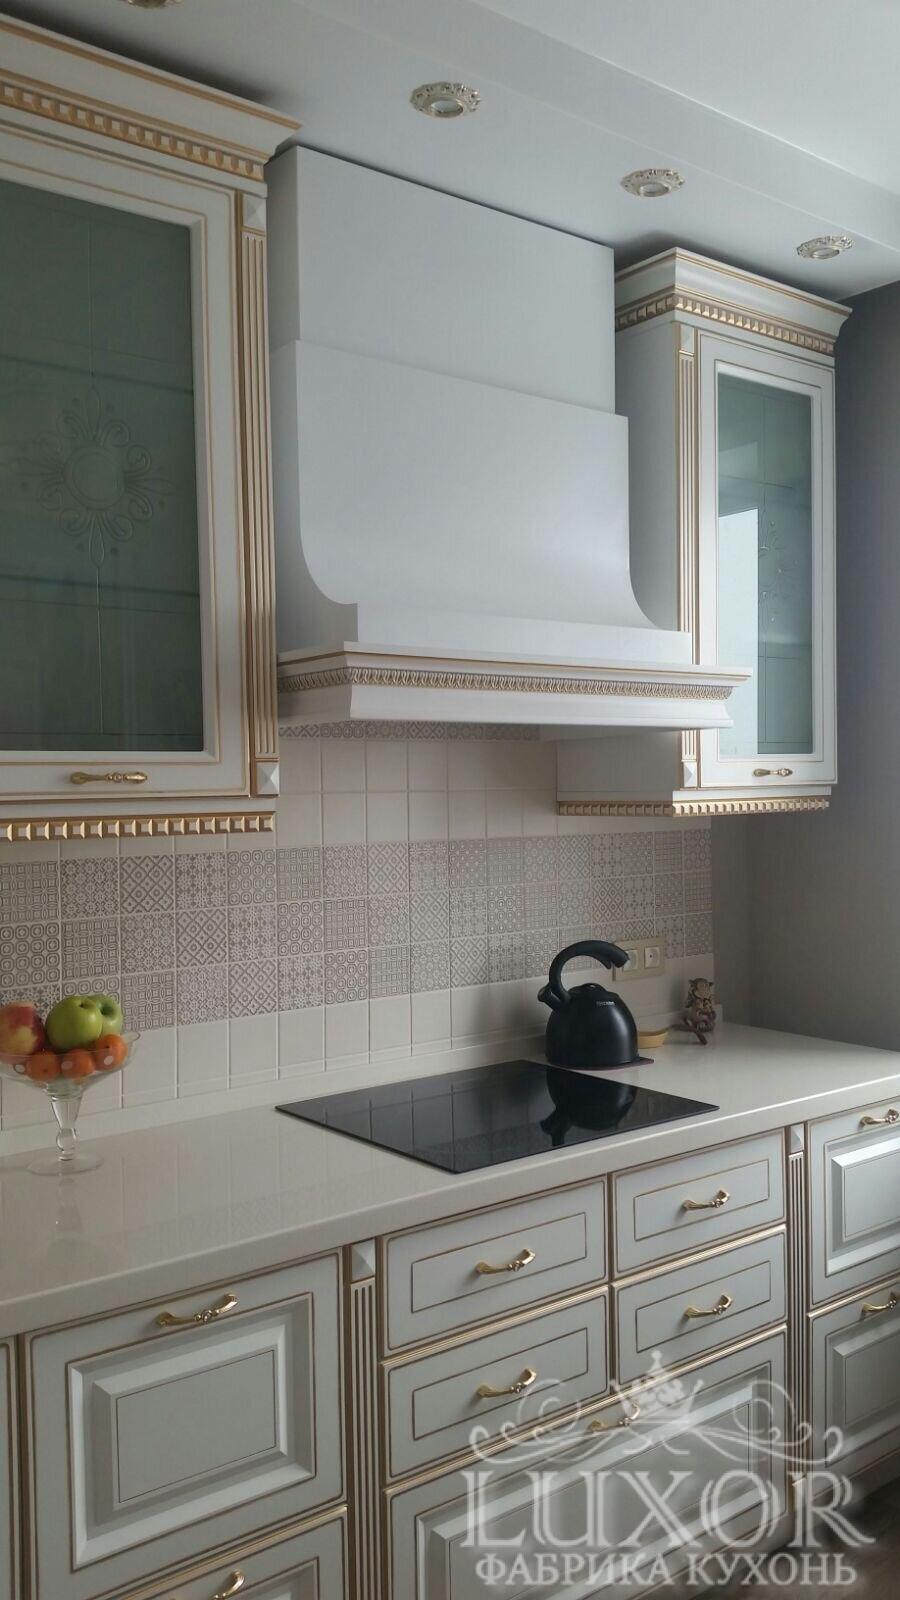 Кухня Петта - изображение